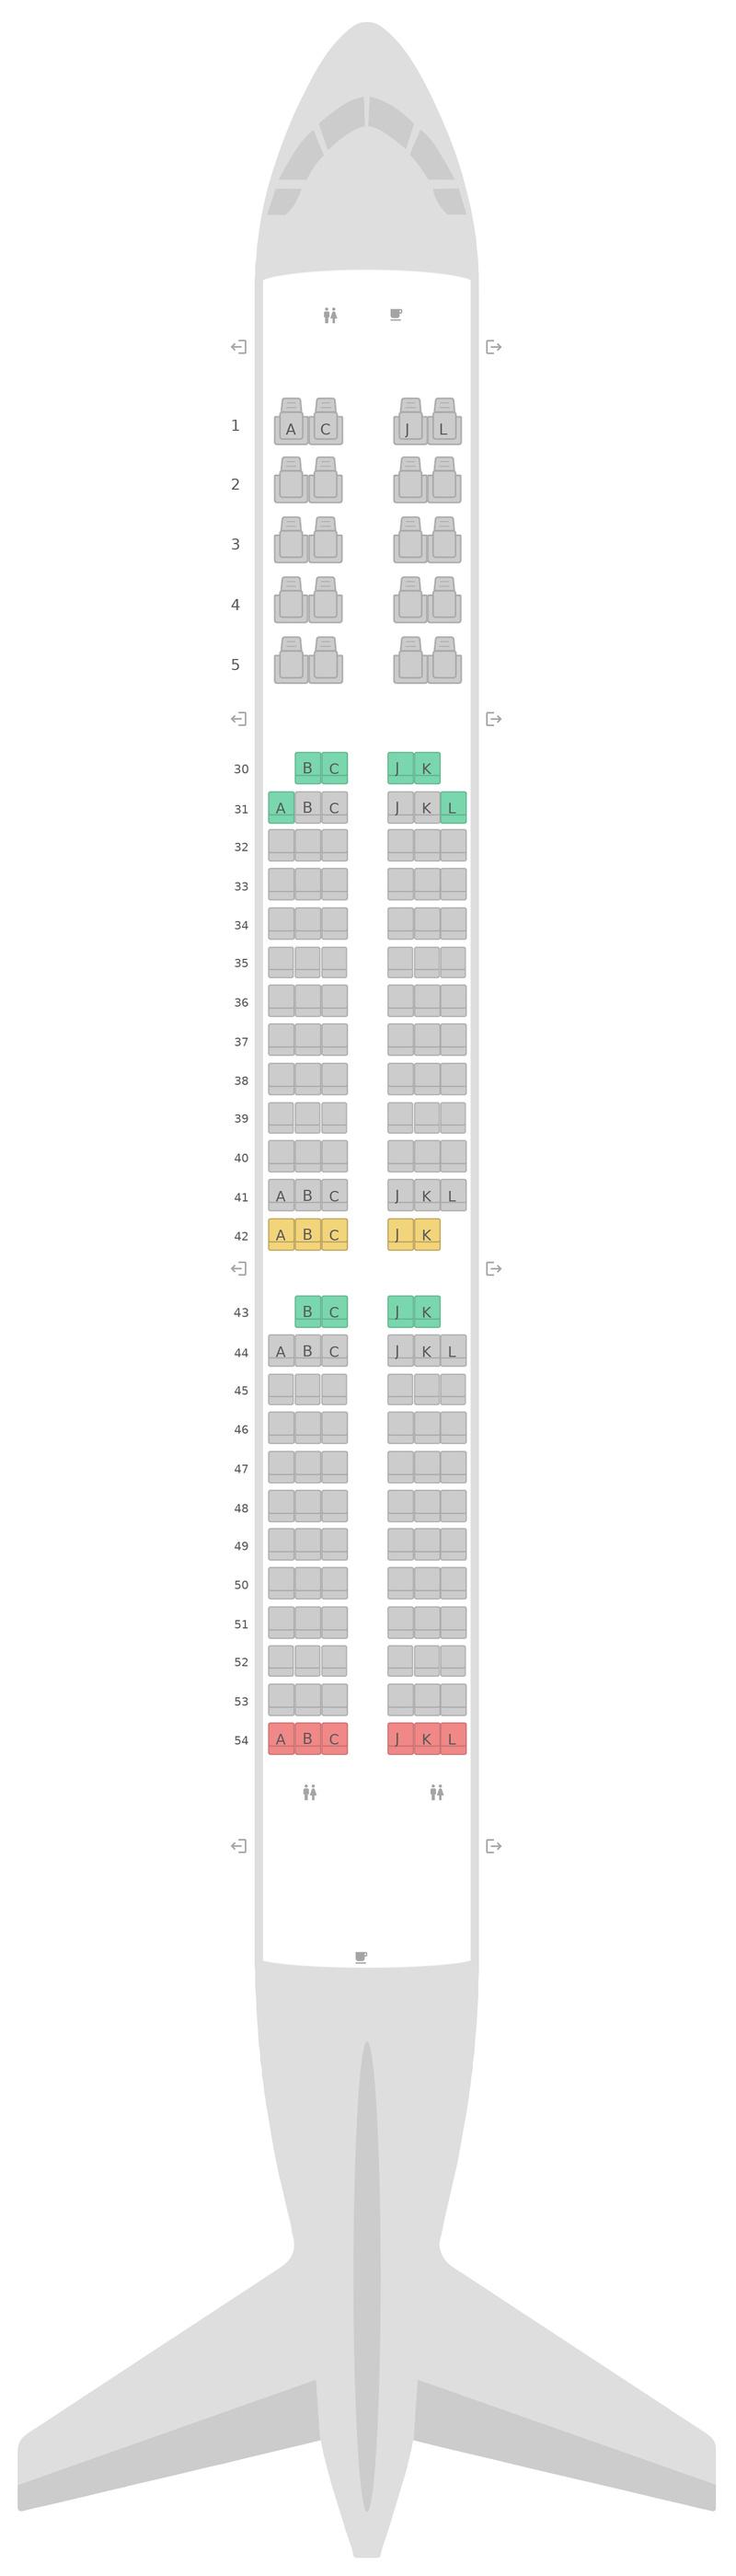 Mapa de asientos Airbus A321 Saudi Arabian Airlines